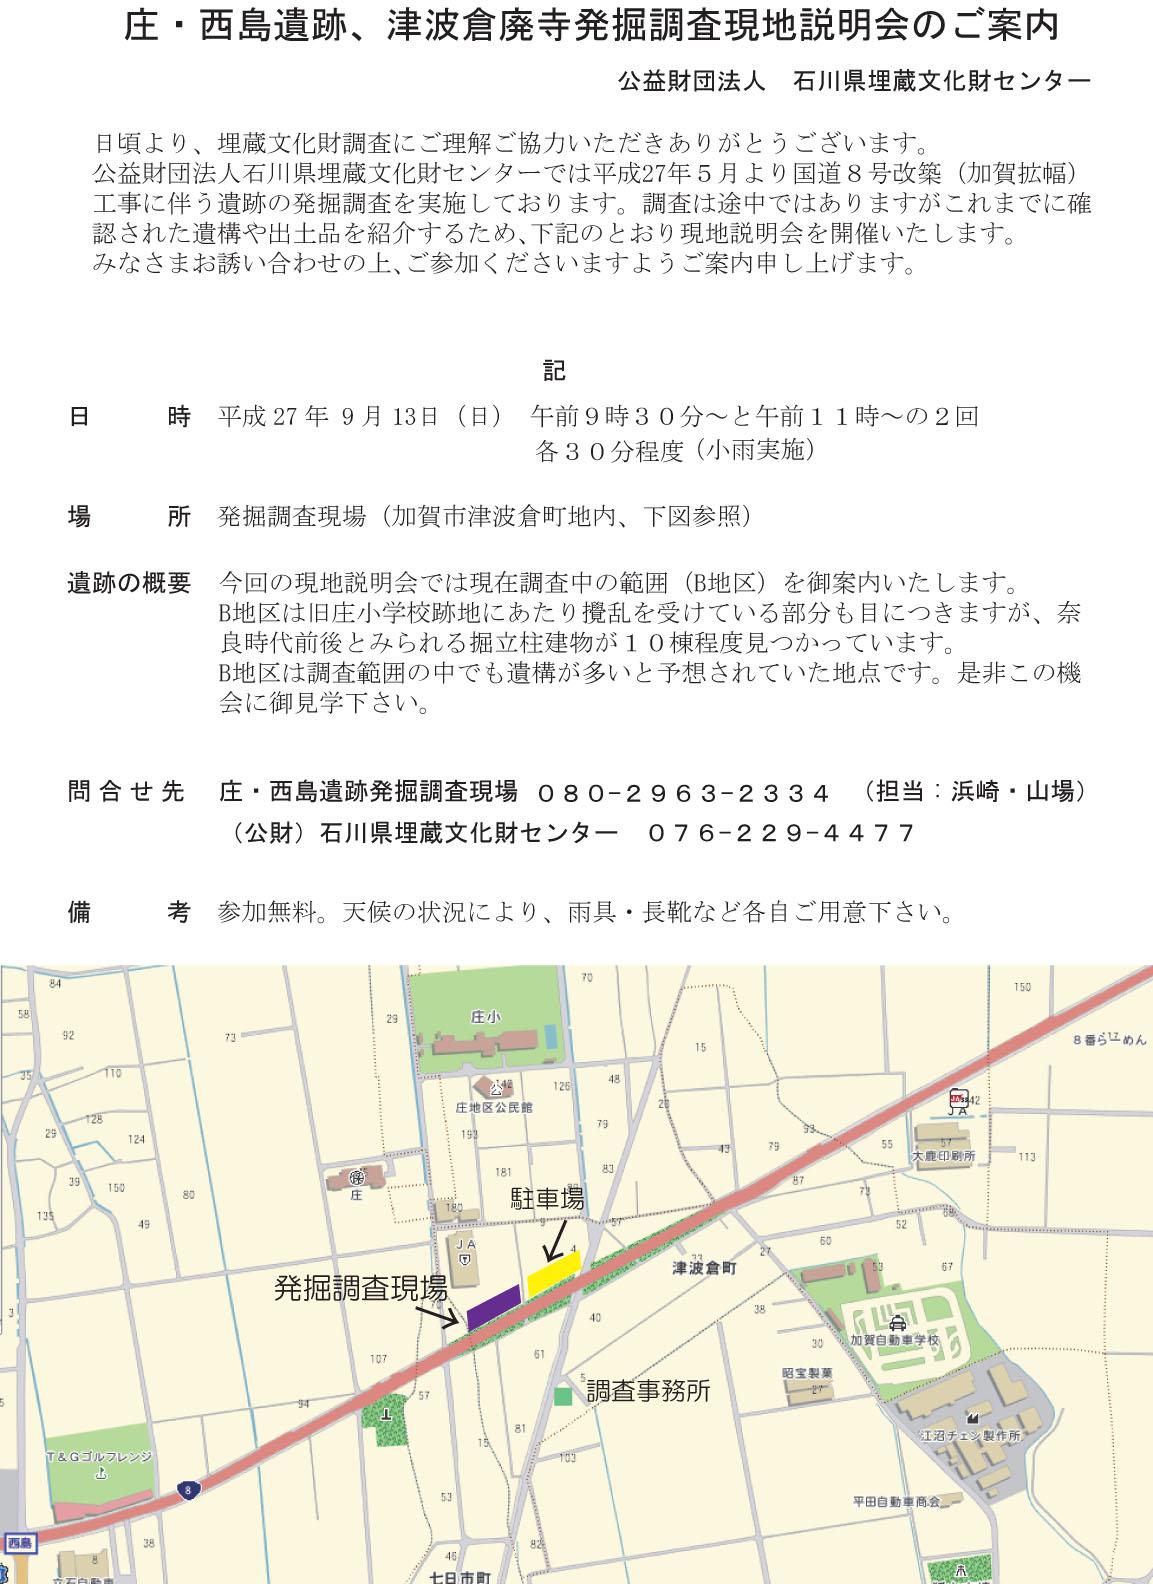 石川考古学研究会のブログ 加賀...